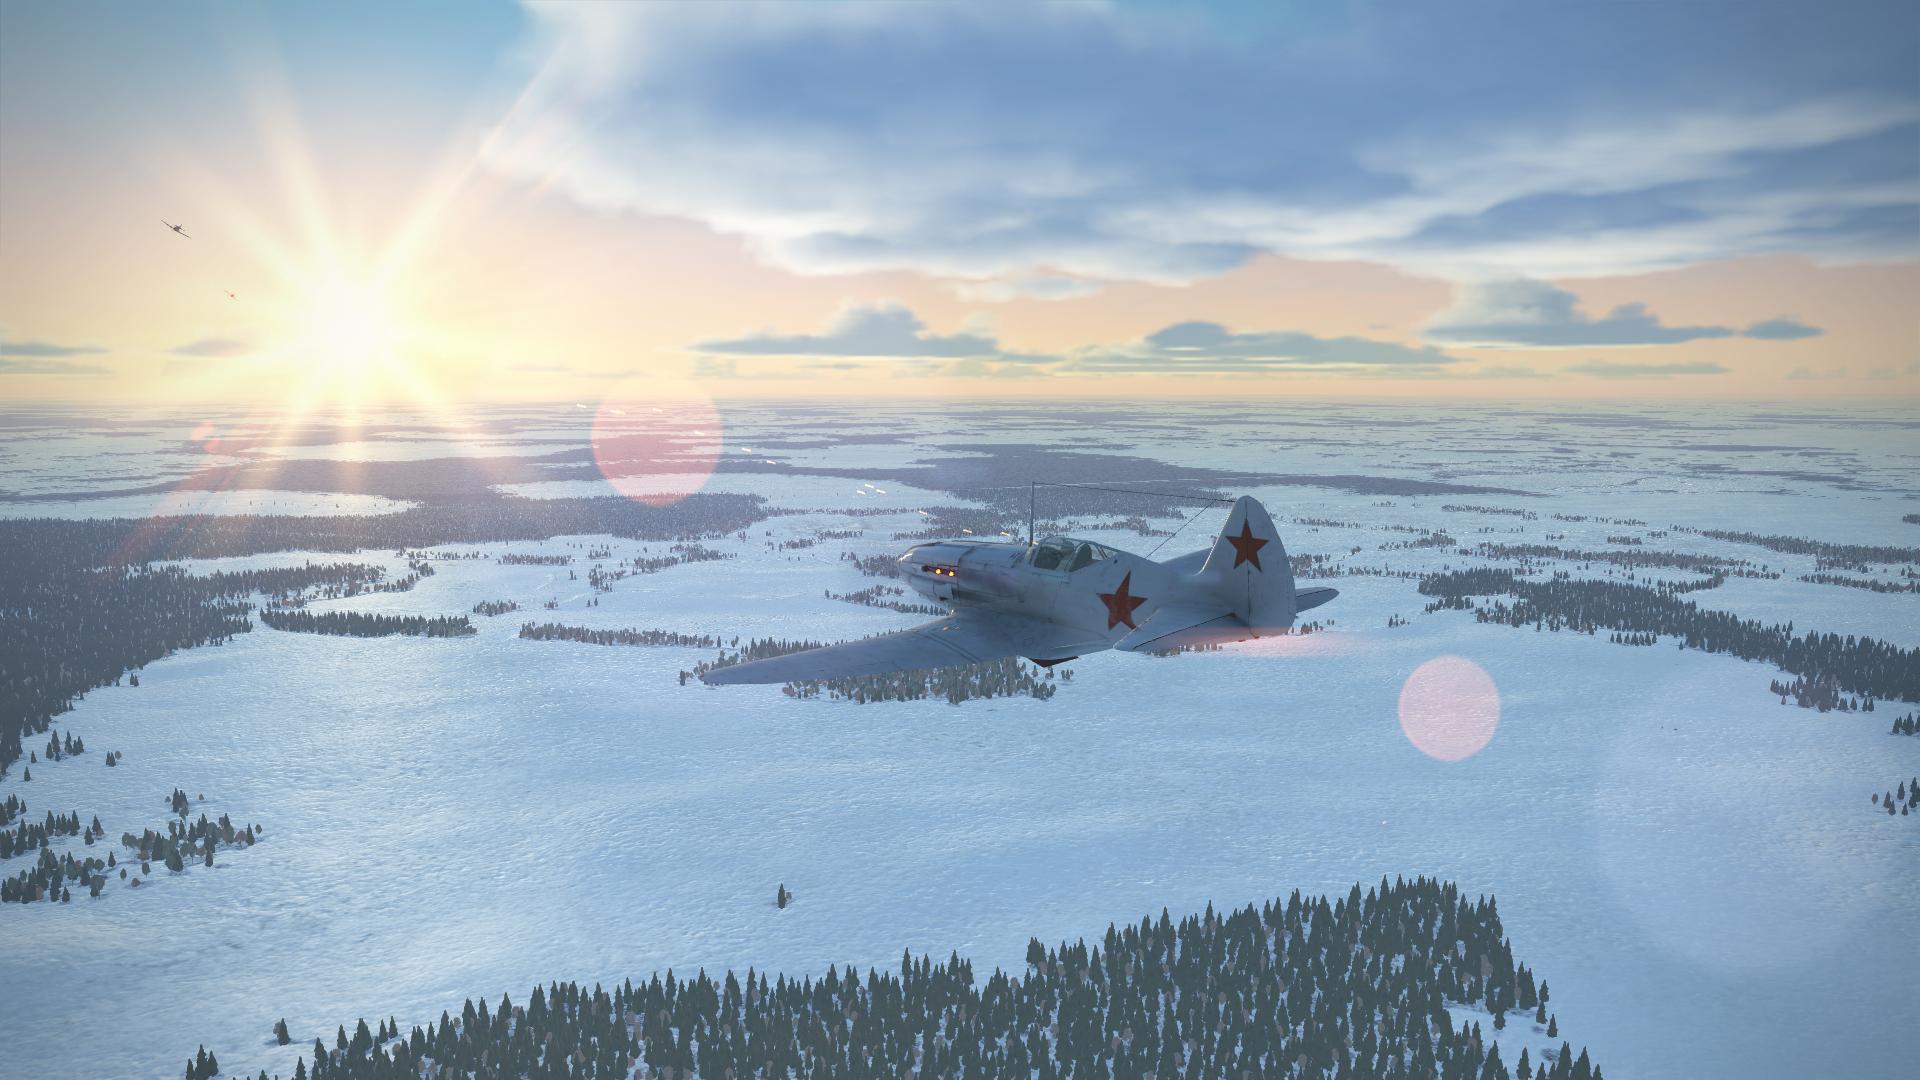 IL-2 Sturmovik Battle of Stalingrad Screenshot 2019.11.30 - 15.37.29.94.png